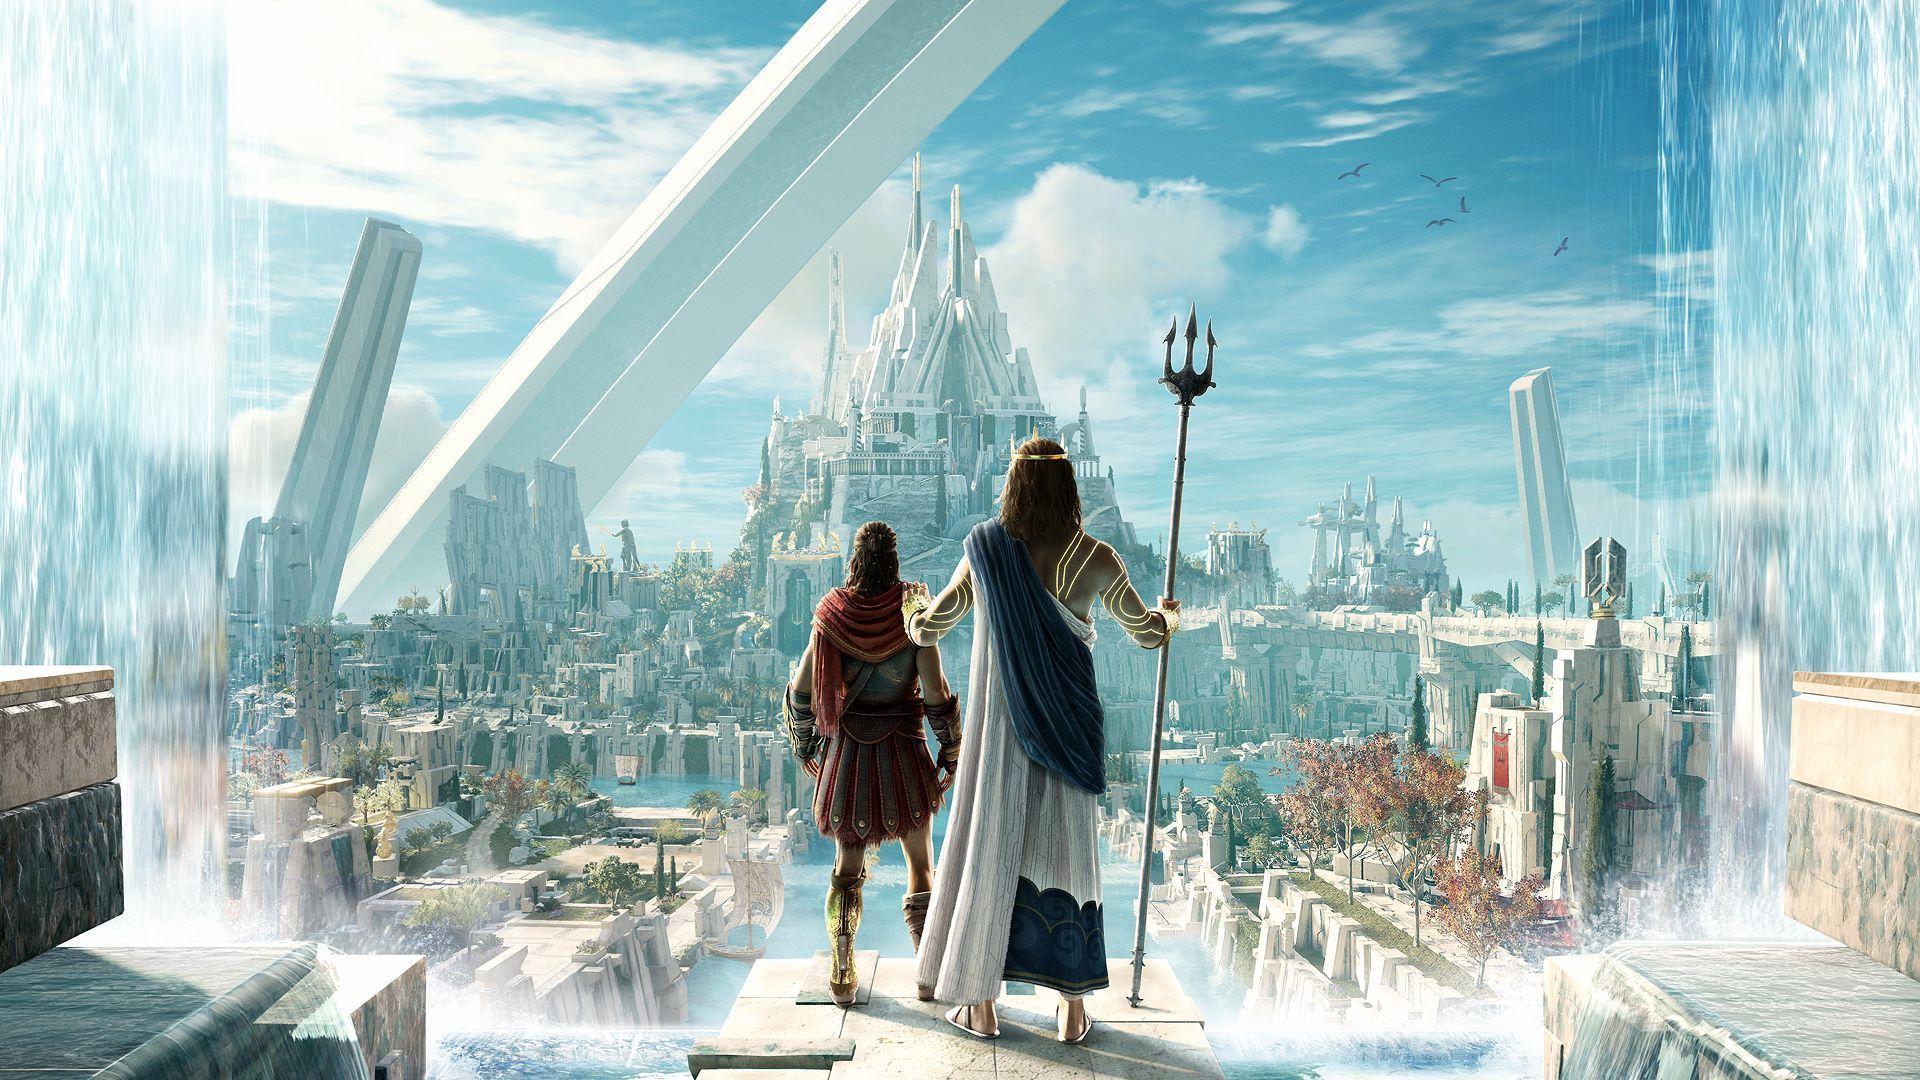 Dlc Fields Of Elysium Dari Assassin S Creed Odyssey Tersedia Gratis